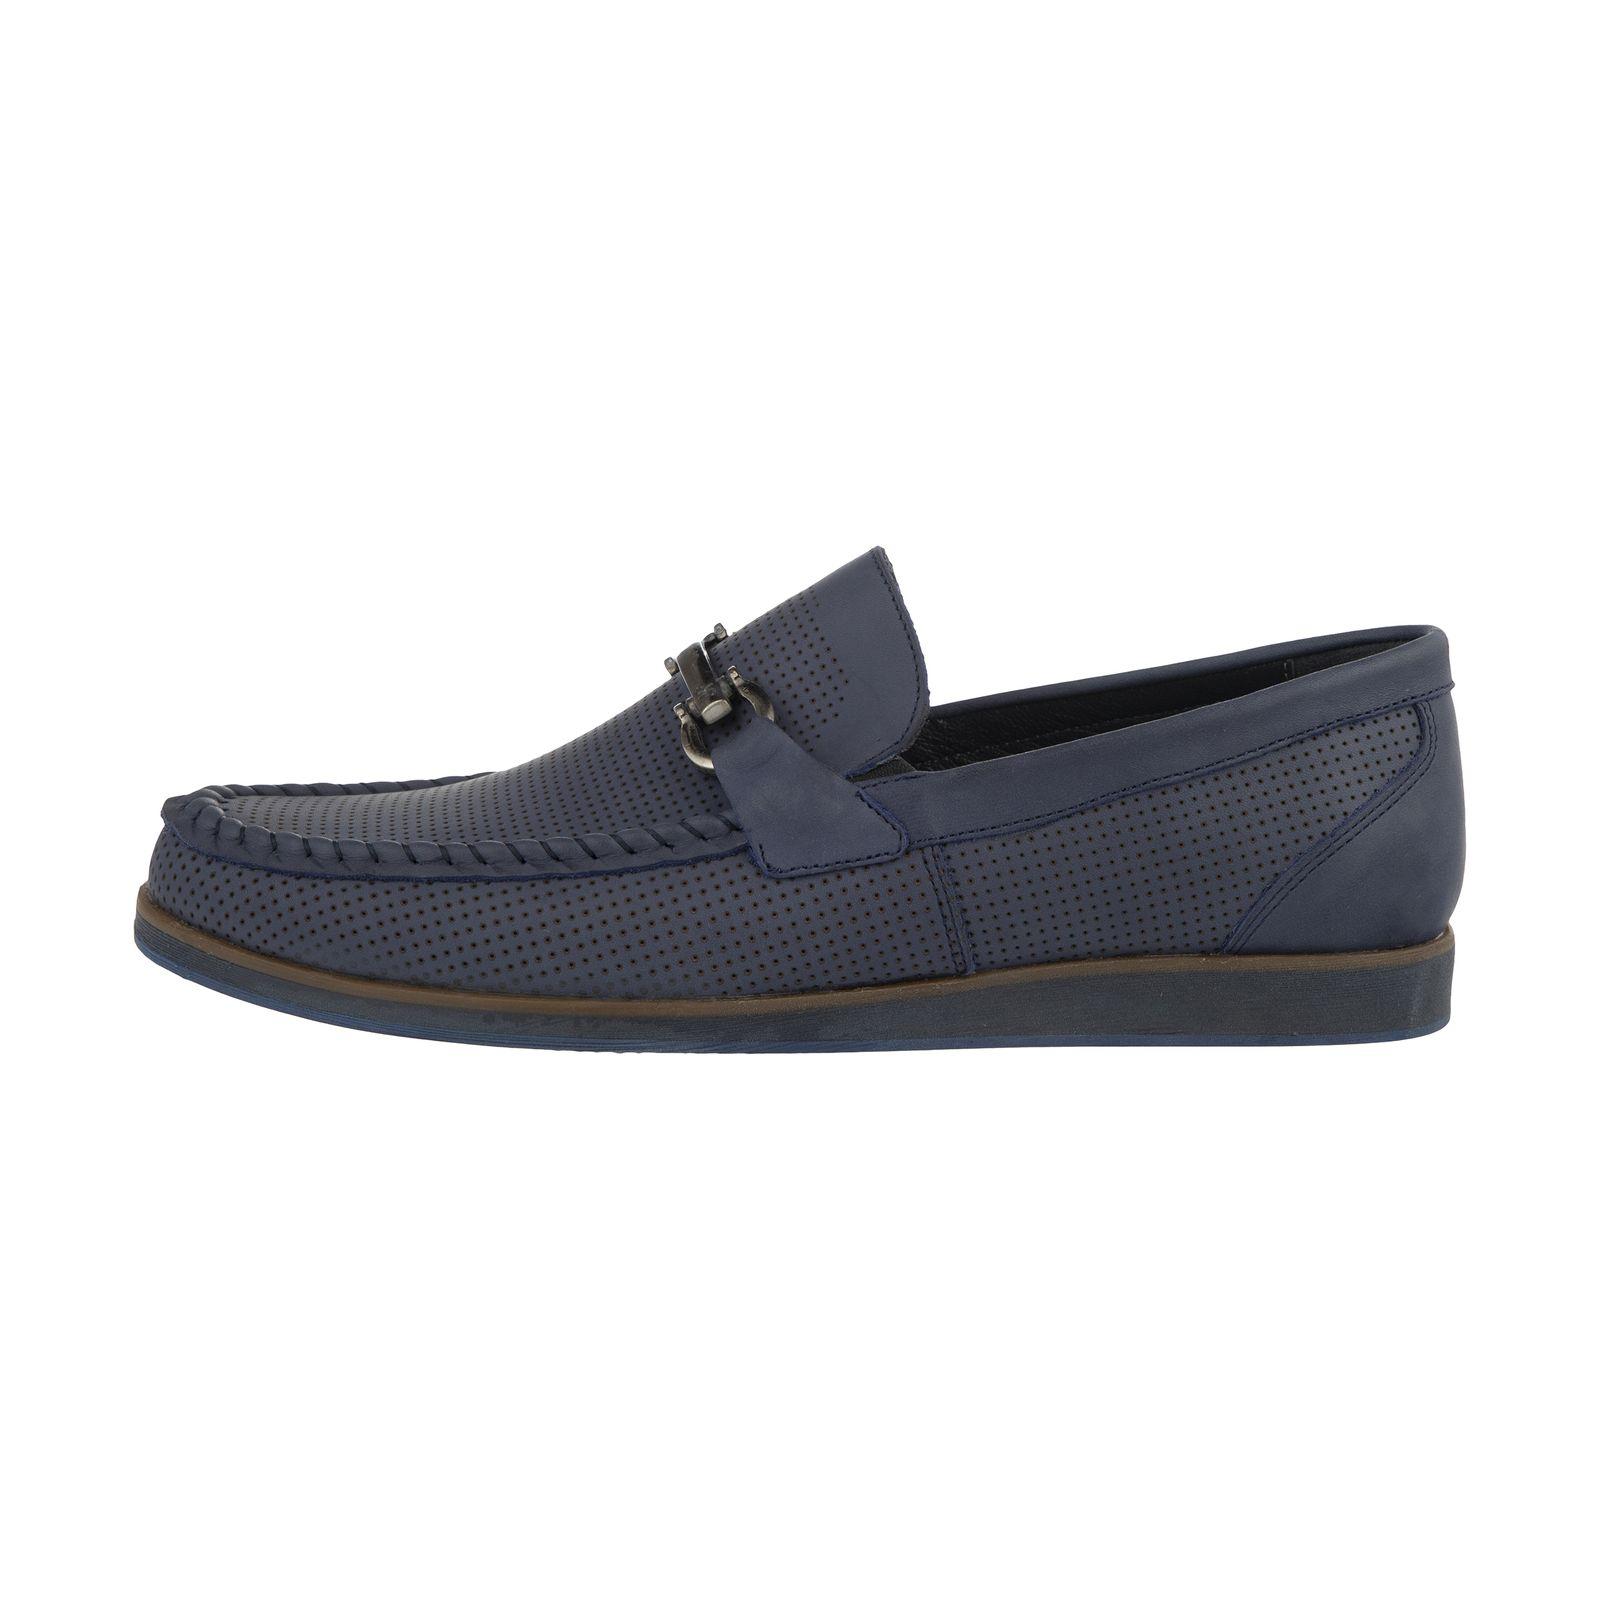 کفش روزمره مردانه سوته مدل 5014A503103 -  - 2